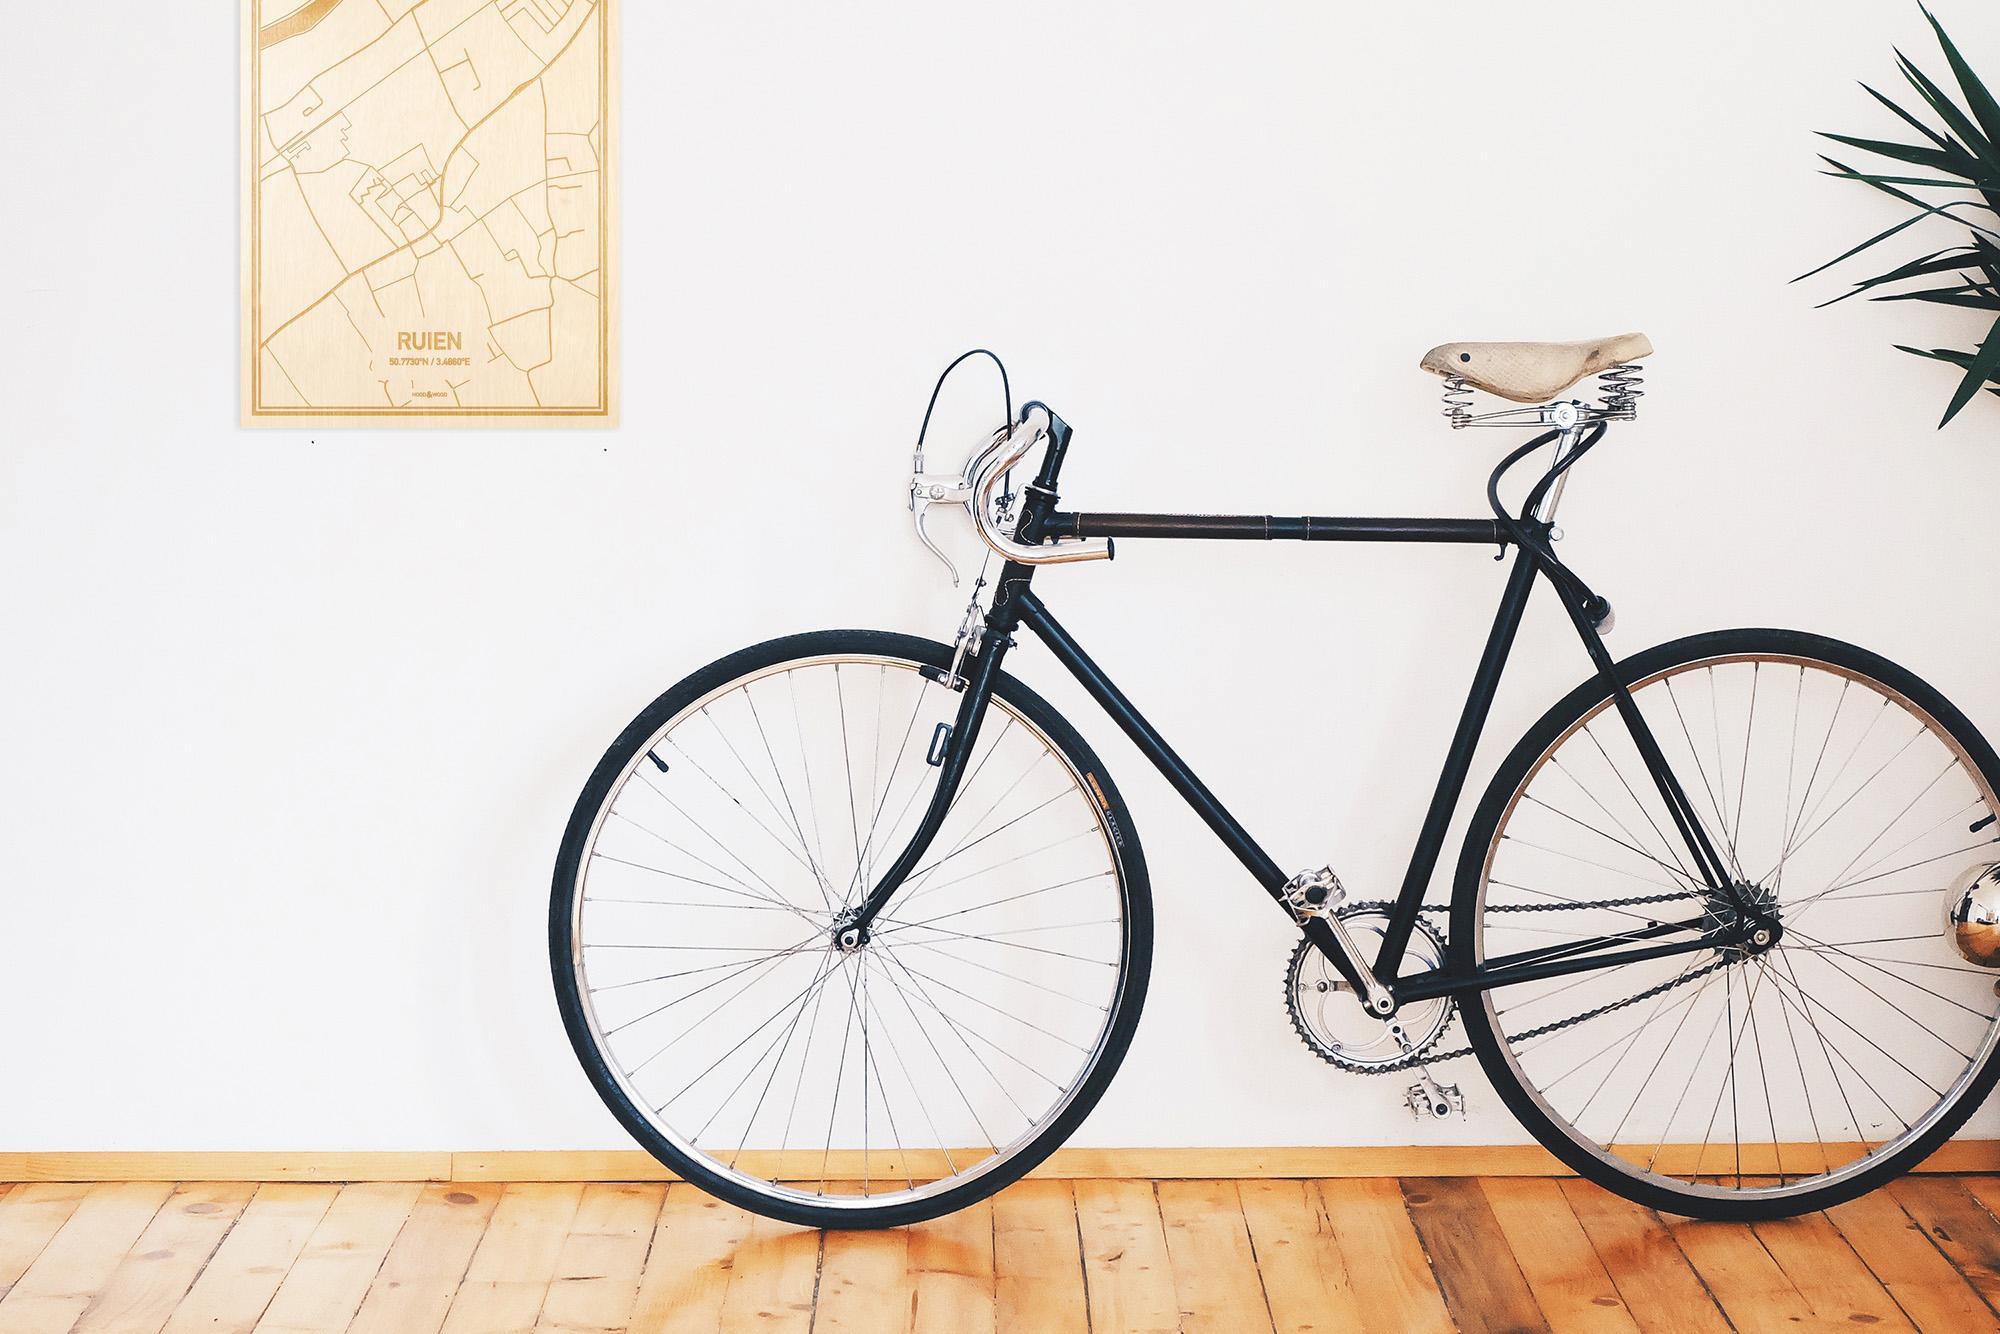 Een snelle fiets in een uniek interieur in Oost-Vlaanderen  met mooie decoratie zoals de plattegrond Ruien.